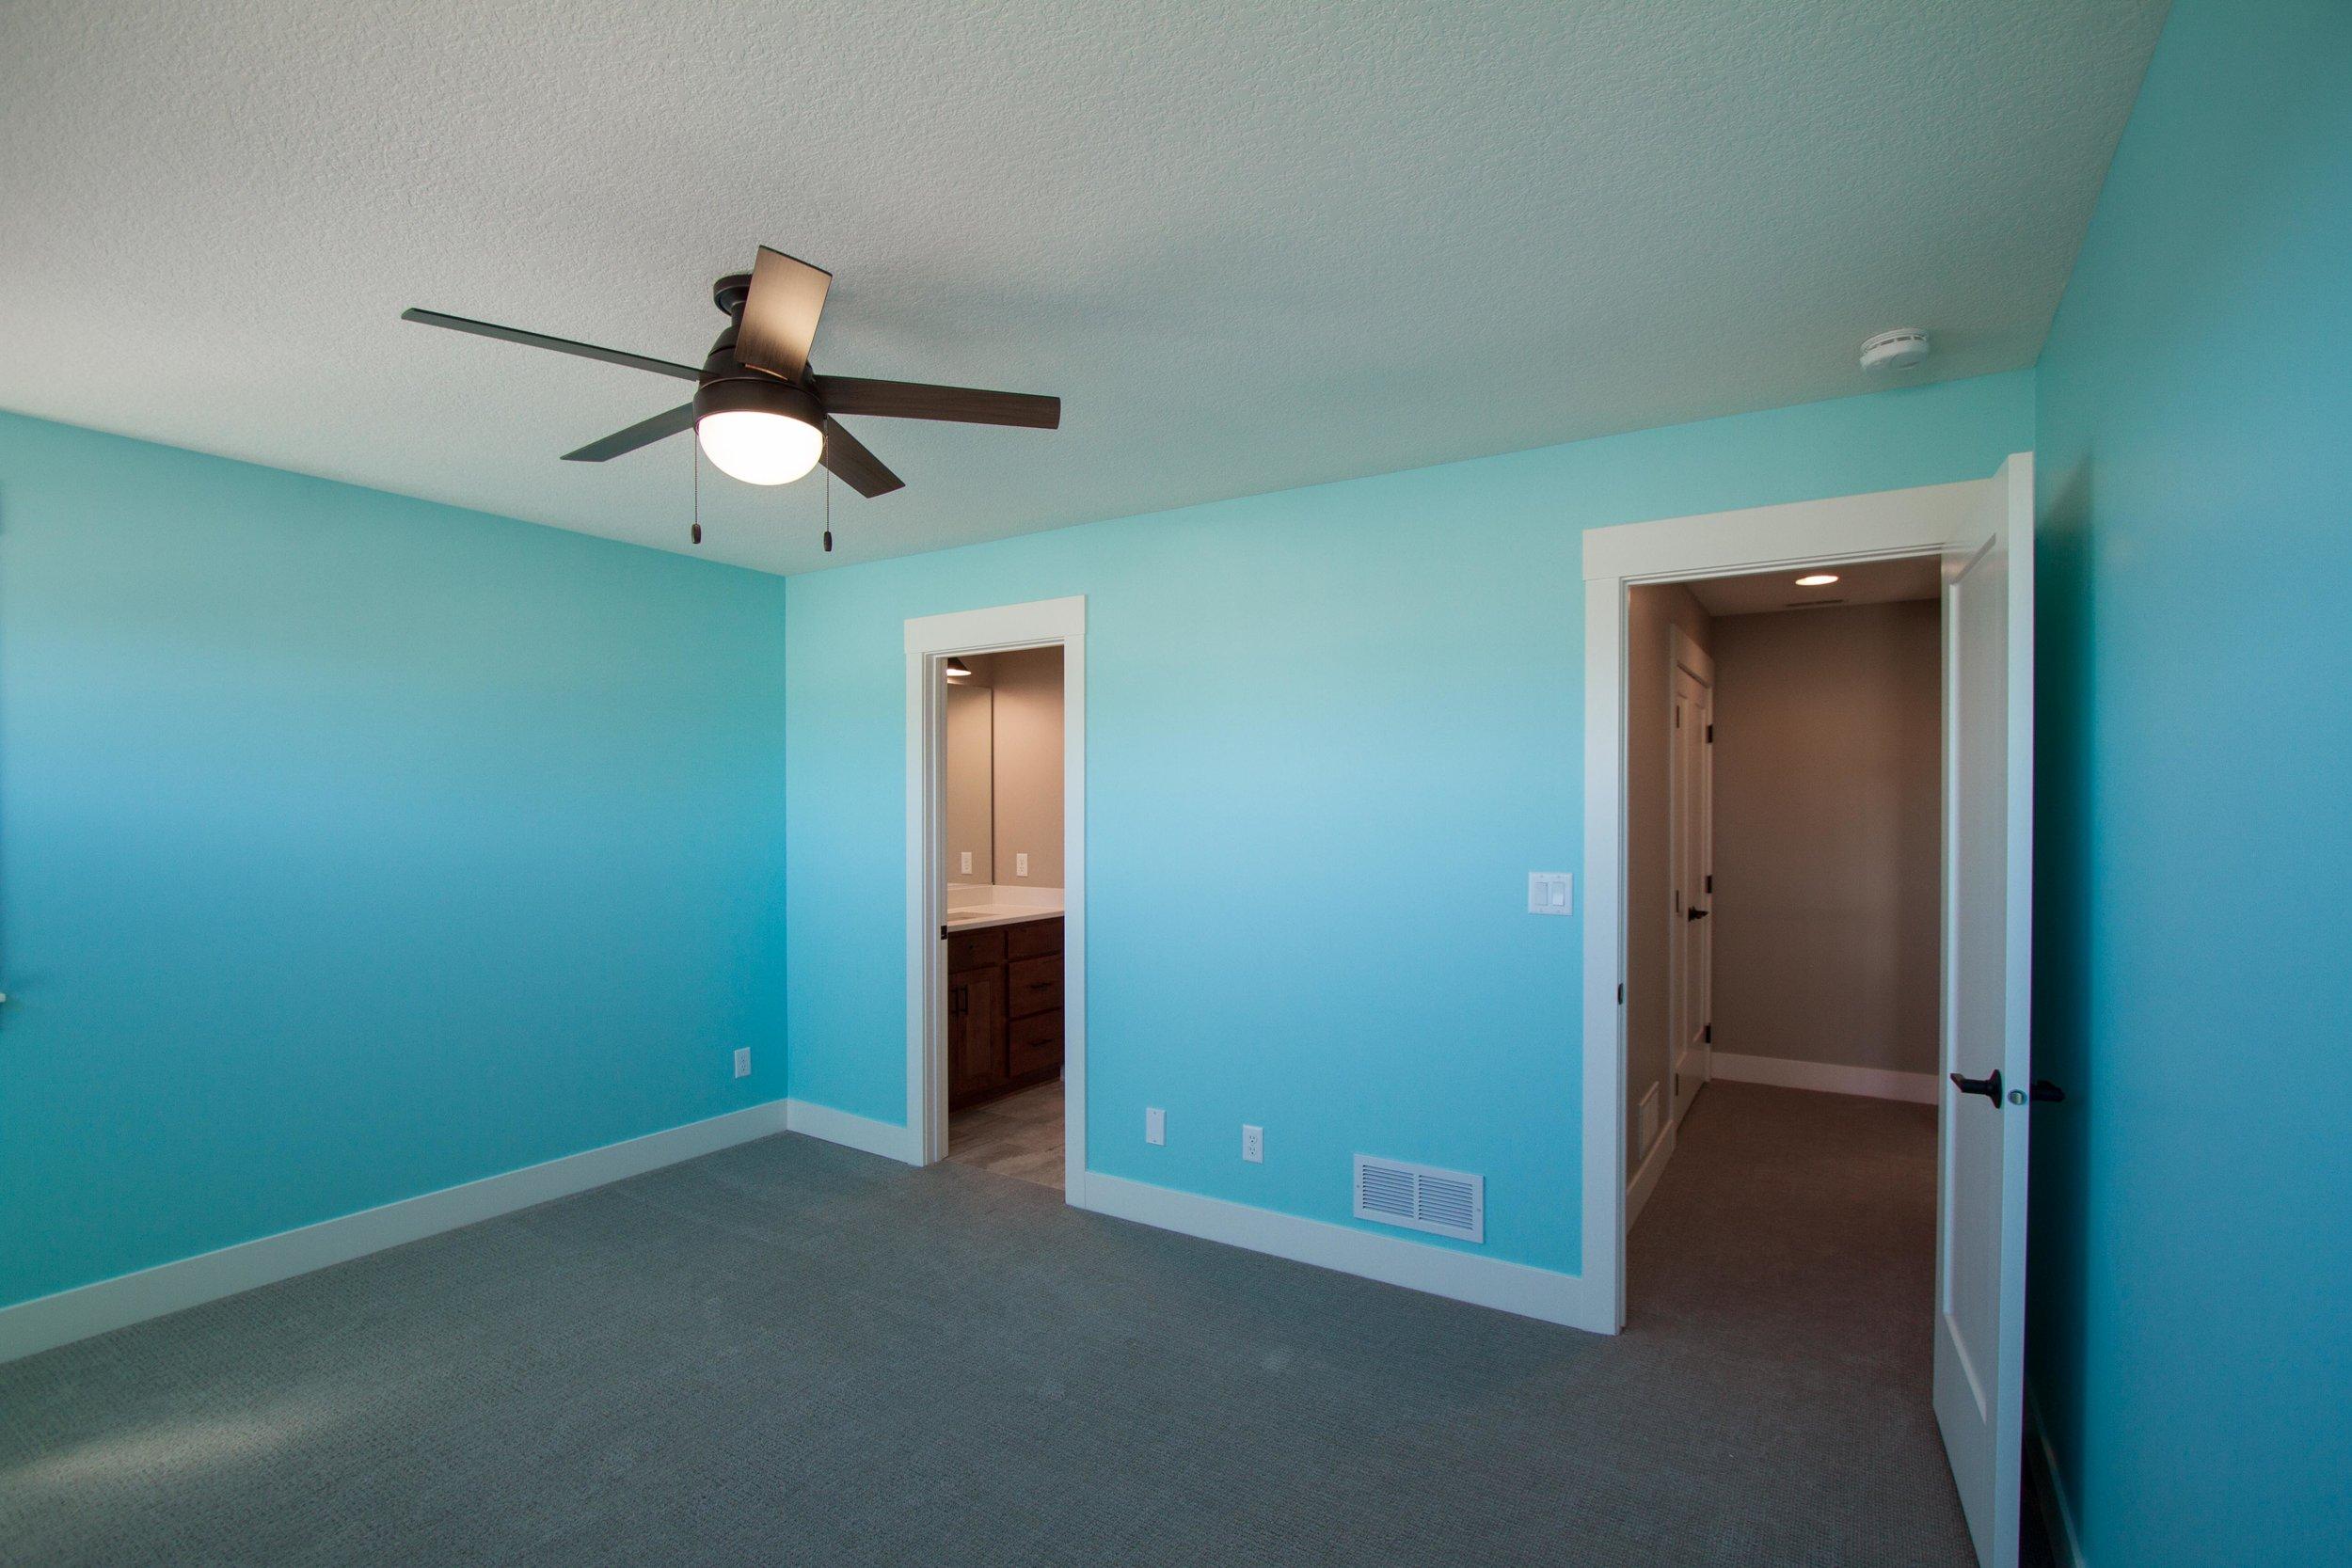 Next_Step_Homes-Bedroom_18.jpg